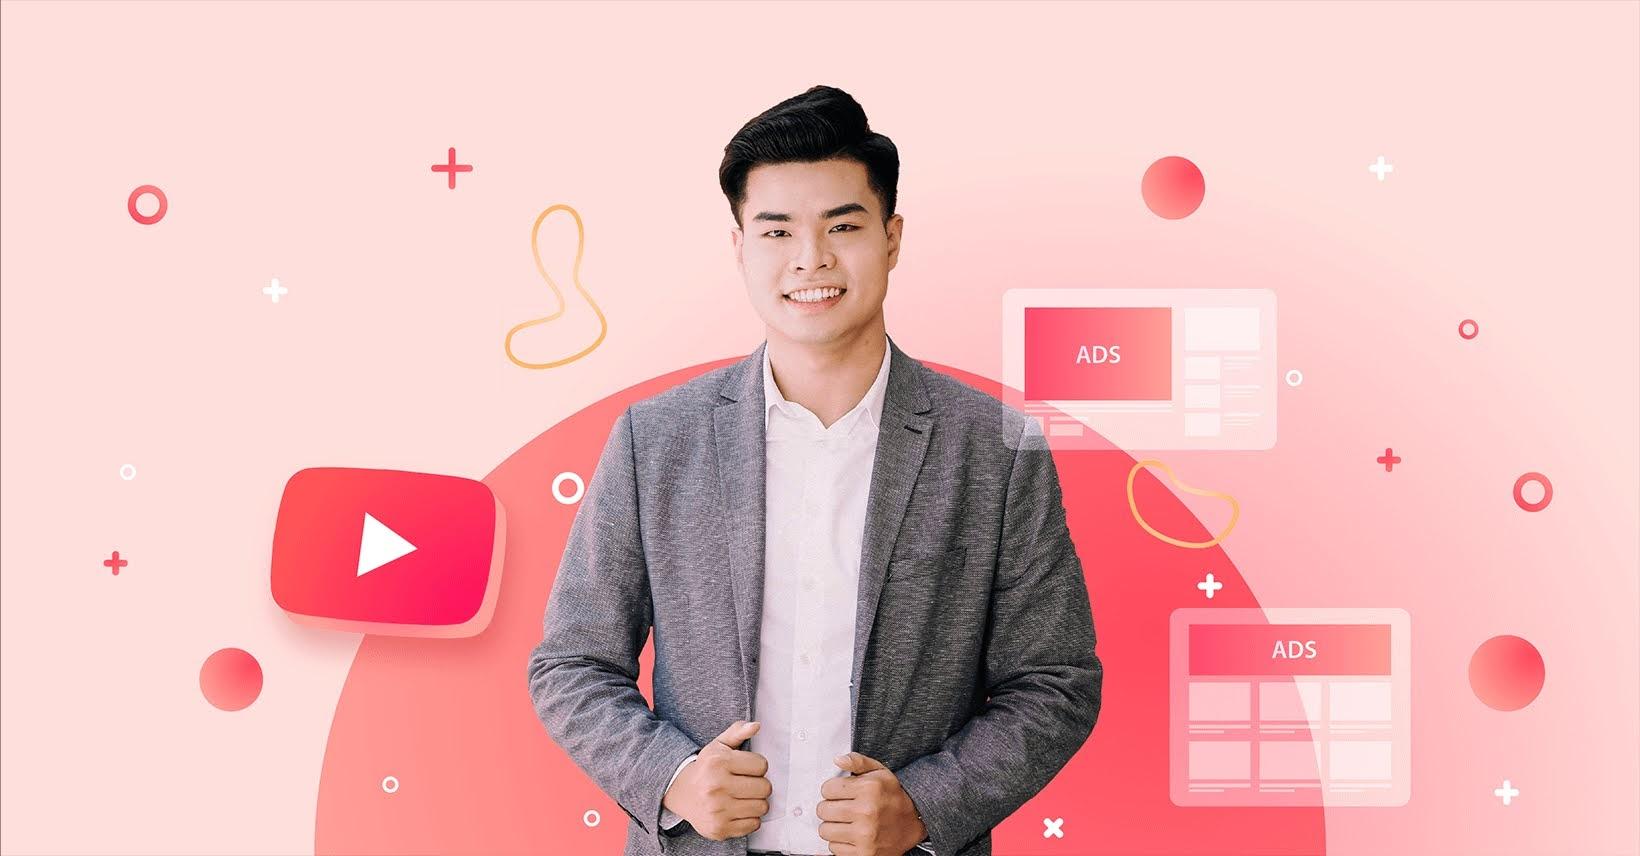 Khóa học hướng dẫn Google Ads nâng cao - Các kỹ thuật chuyên sâu giúp tối ưu hiệu quả quảng cáo Google